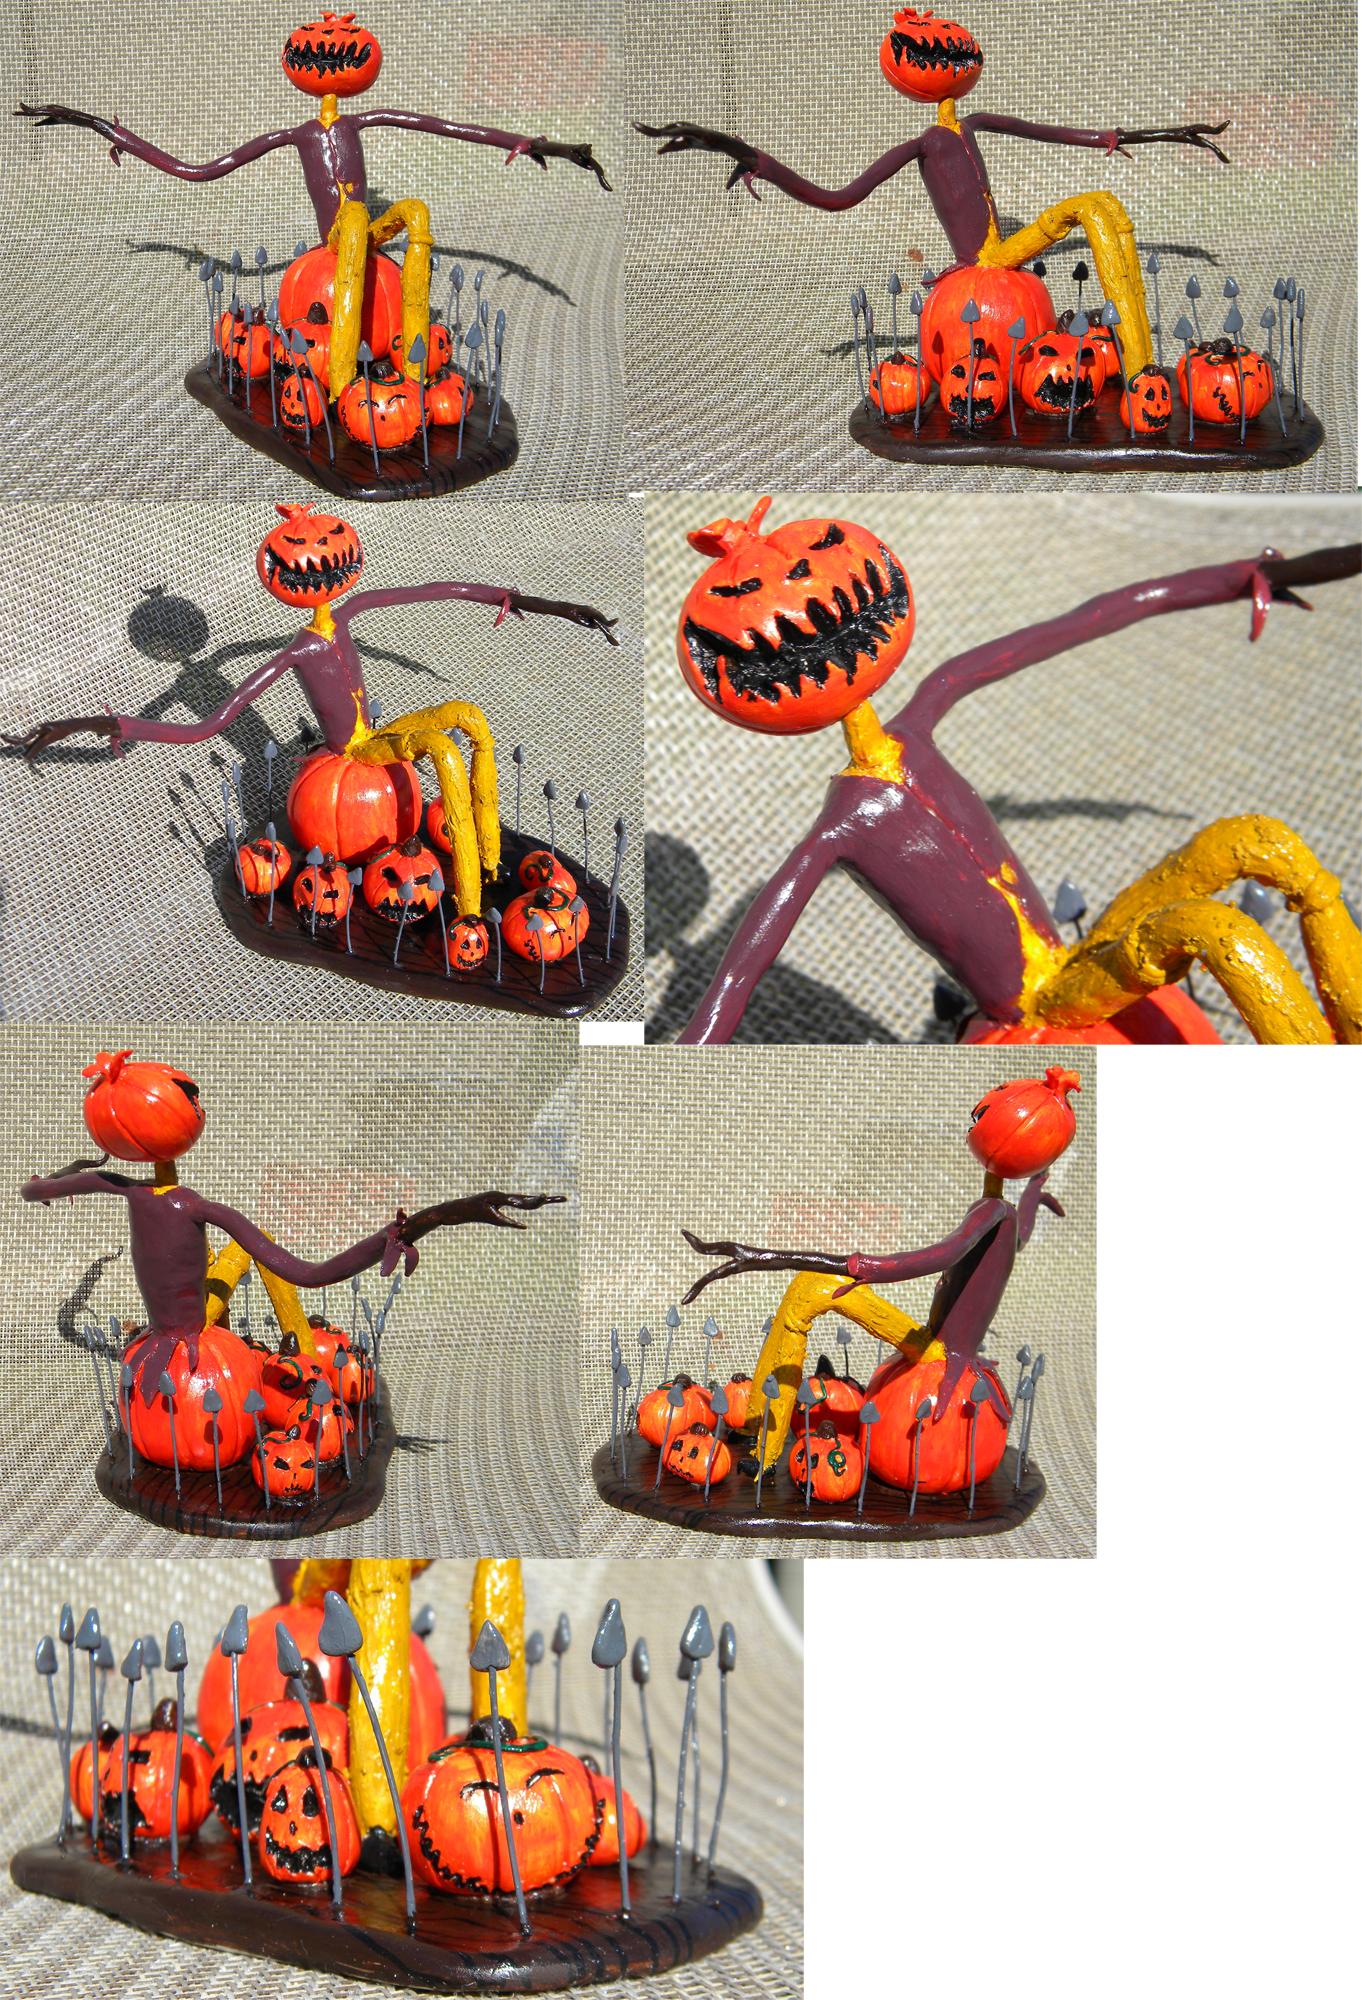 Pumpkin King Sculpture